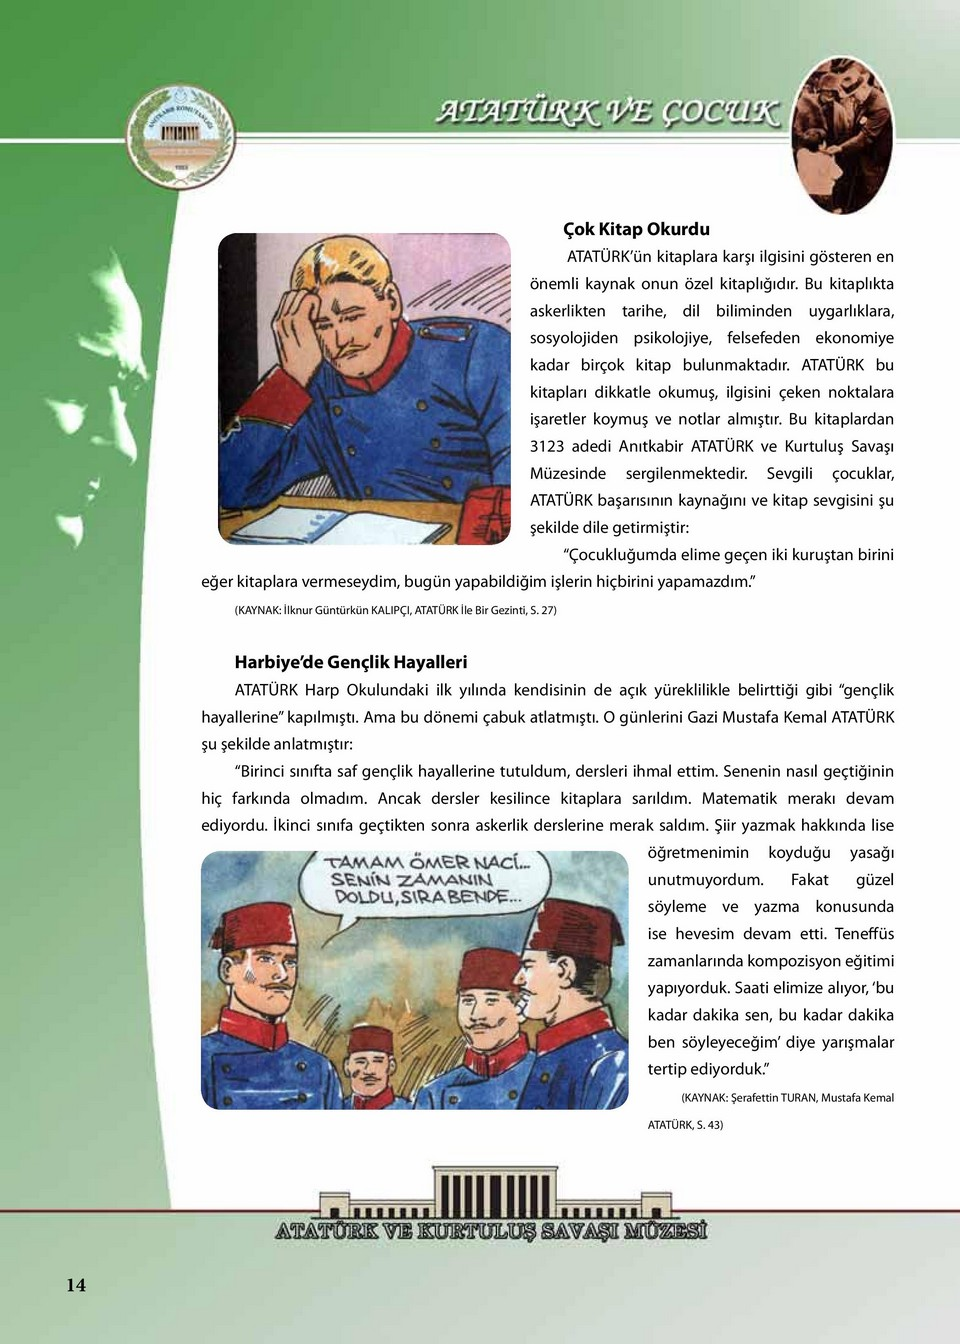 ataturkvecocuk-page-016